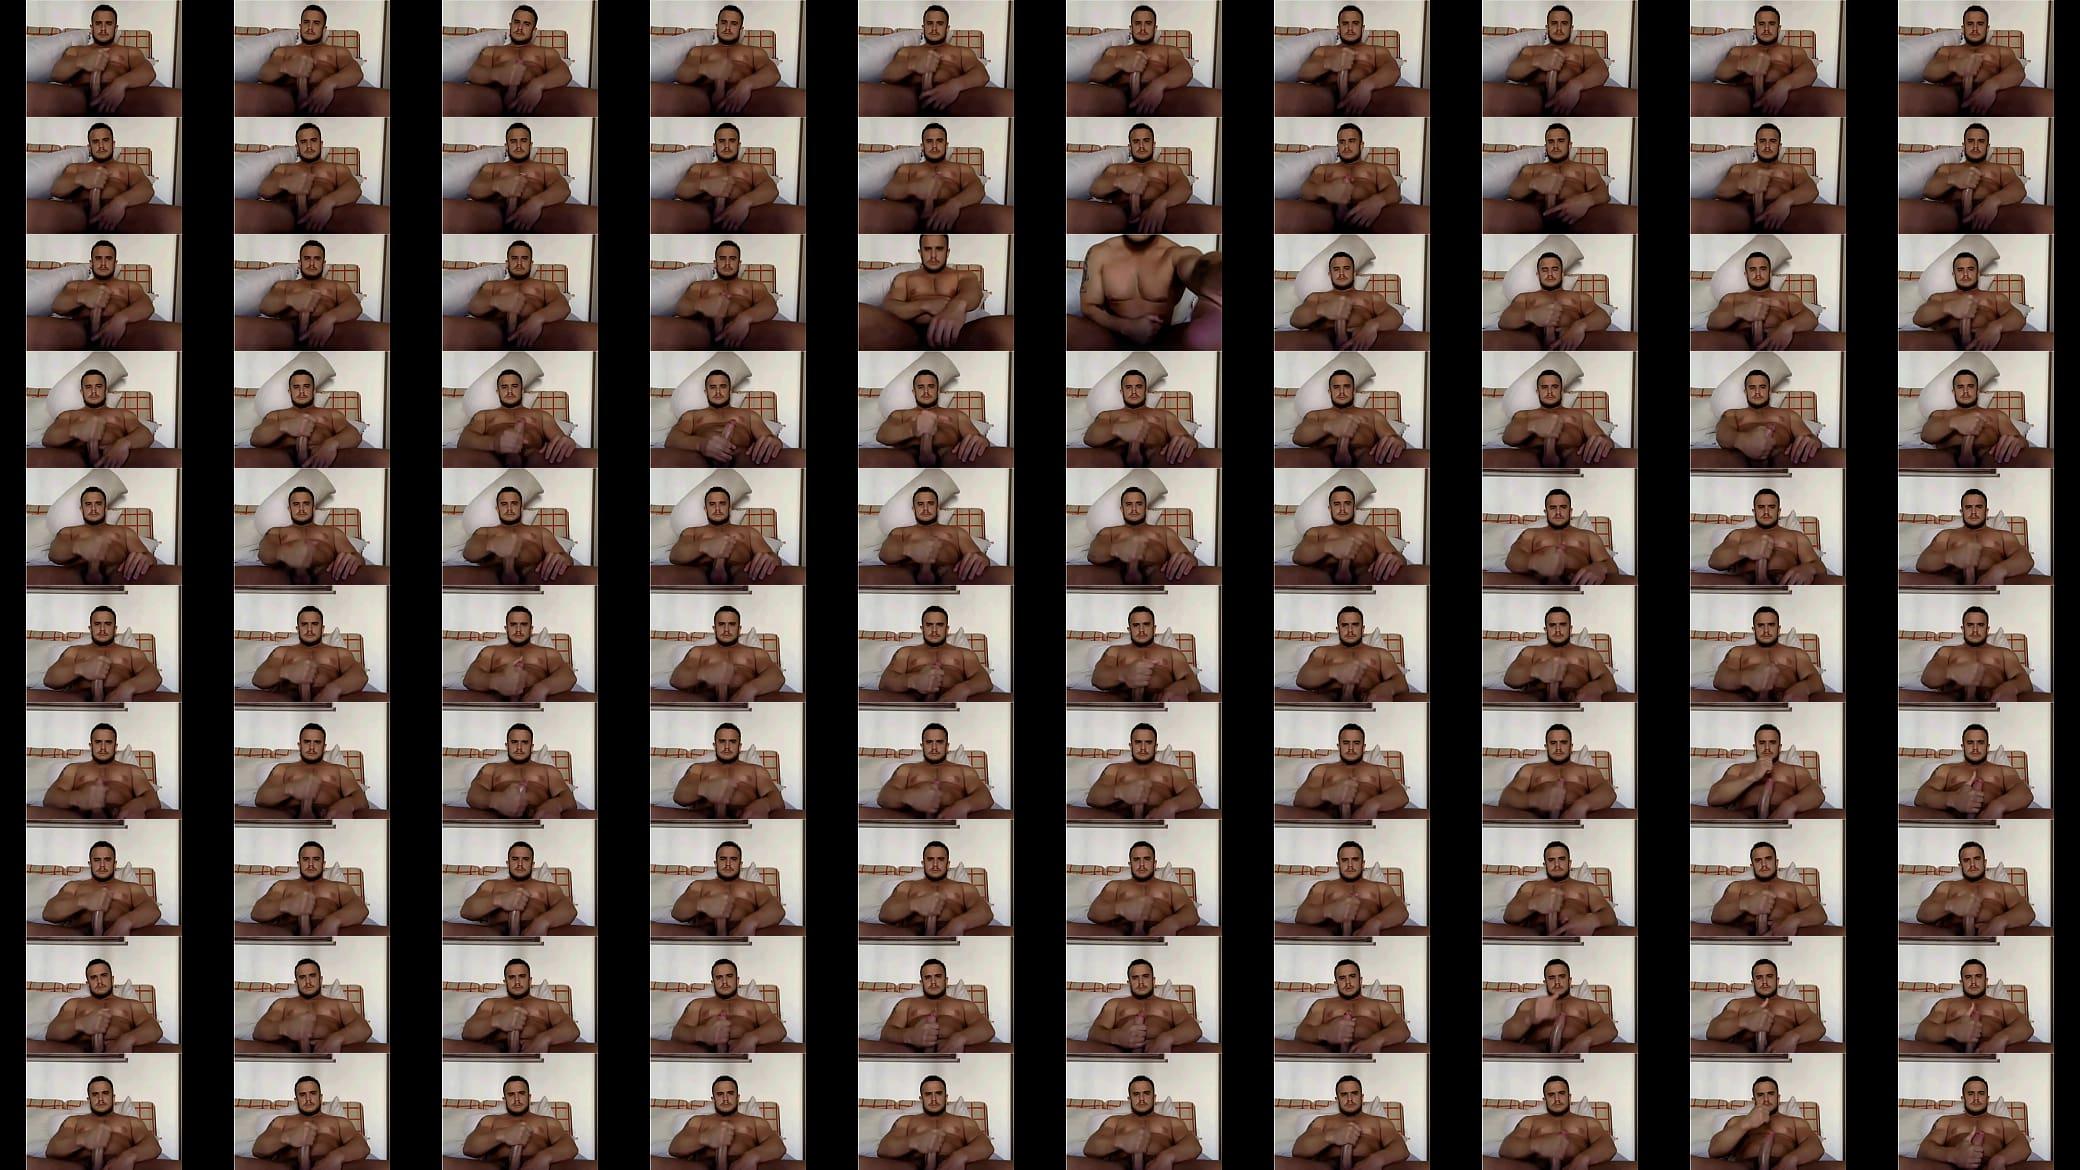 Actor Porno Moro actor porno - xvideos